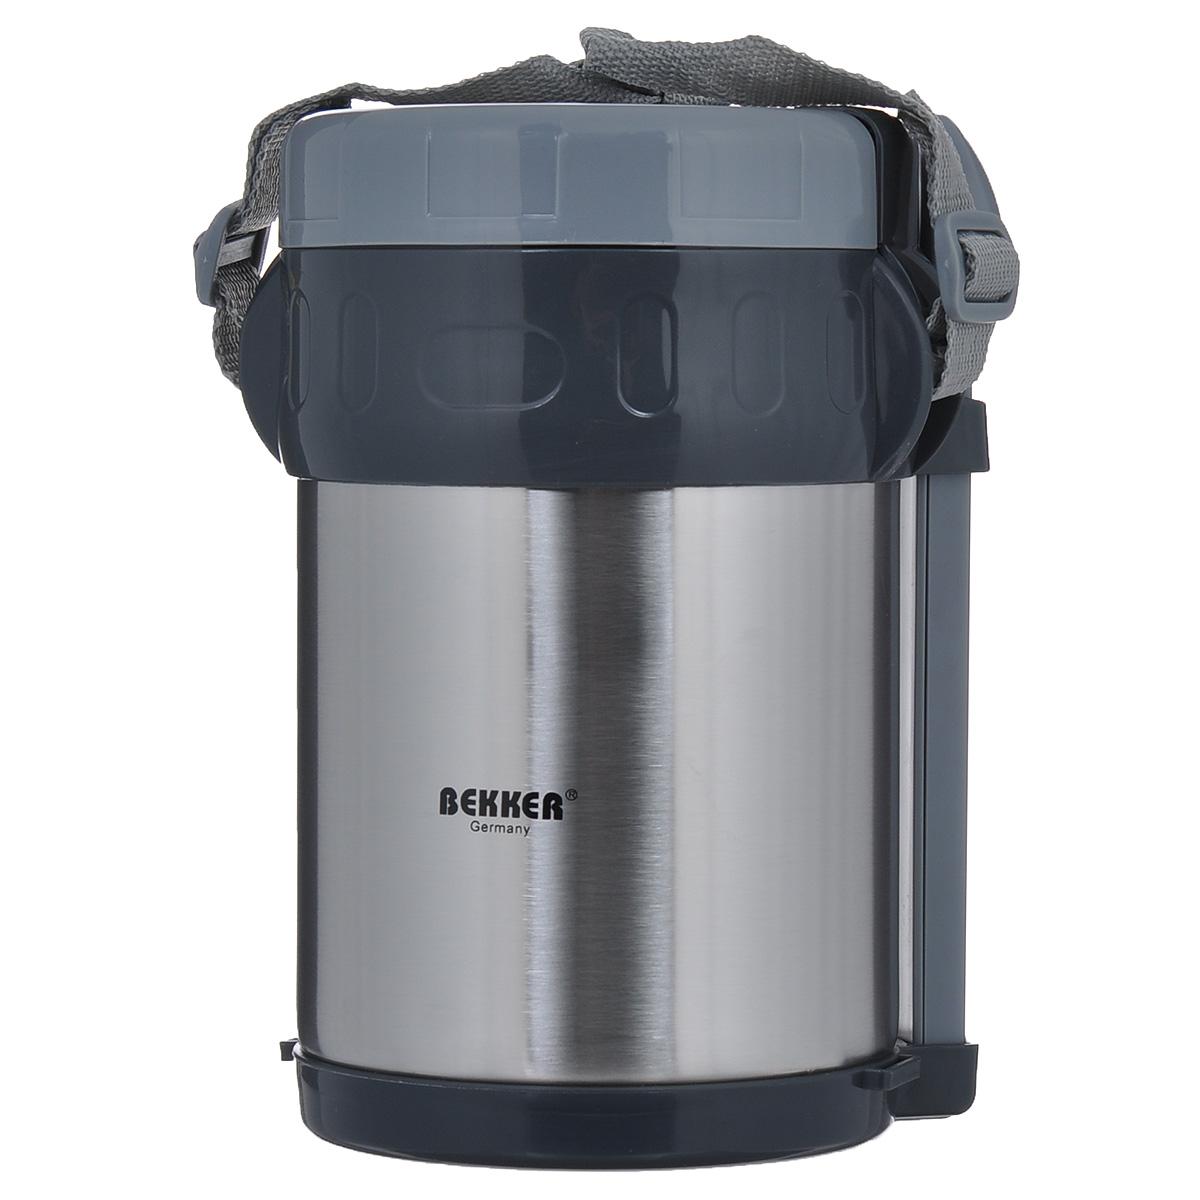 Термос Bekker Koch, с контейнерами, 1,5 л. BK-4085115510Пищевой термос с широким горлом Bekker Koch, изготовленный из высококачественной нержавеющей стали 18/8, является простым в использовании, экономичным и многофункциональным. Изделие с двойными стенками оснащено тремя контейнерами, ложкой и вилкой в оригинальном чехле и специальным ремнем для удобной переноски термоса. Термос с широким горлом предназначен для хранения горячей и холодной пищи, замороженных продуктов, мороженного, фруктов и льда и укомплектован вакуумной крышкой без кнопки. Такая крышка надежна, проста в использовании и позволяет дольше сохранять тепло благодаря дополнительной теплоизоляции.Легкий и прочный термос Bekker Koch сохранит ваши напитки и продукты горячими или холодными надолго. Высота (с учетом крышки): 22 см.Диаметр горлышка: 13 см.Диаметр контейнеров: 11 см, 11 см, 12 см.Высота контейнеров: 4 см, 5 см, 8 см. Объем контейнеров: 720 мл, 400 мл, 350 мл.Длина вилки/ложки: 15 см.